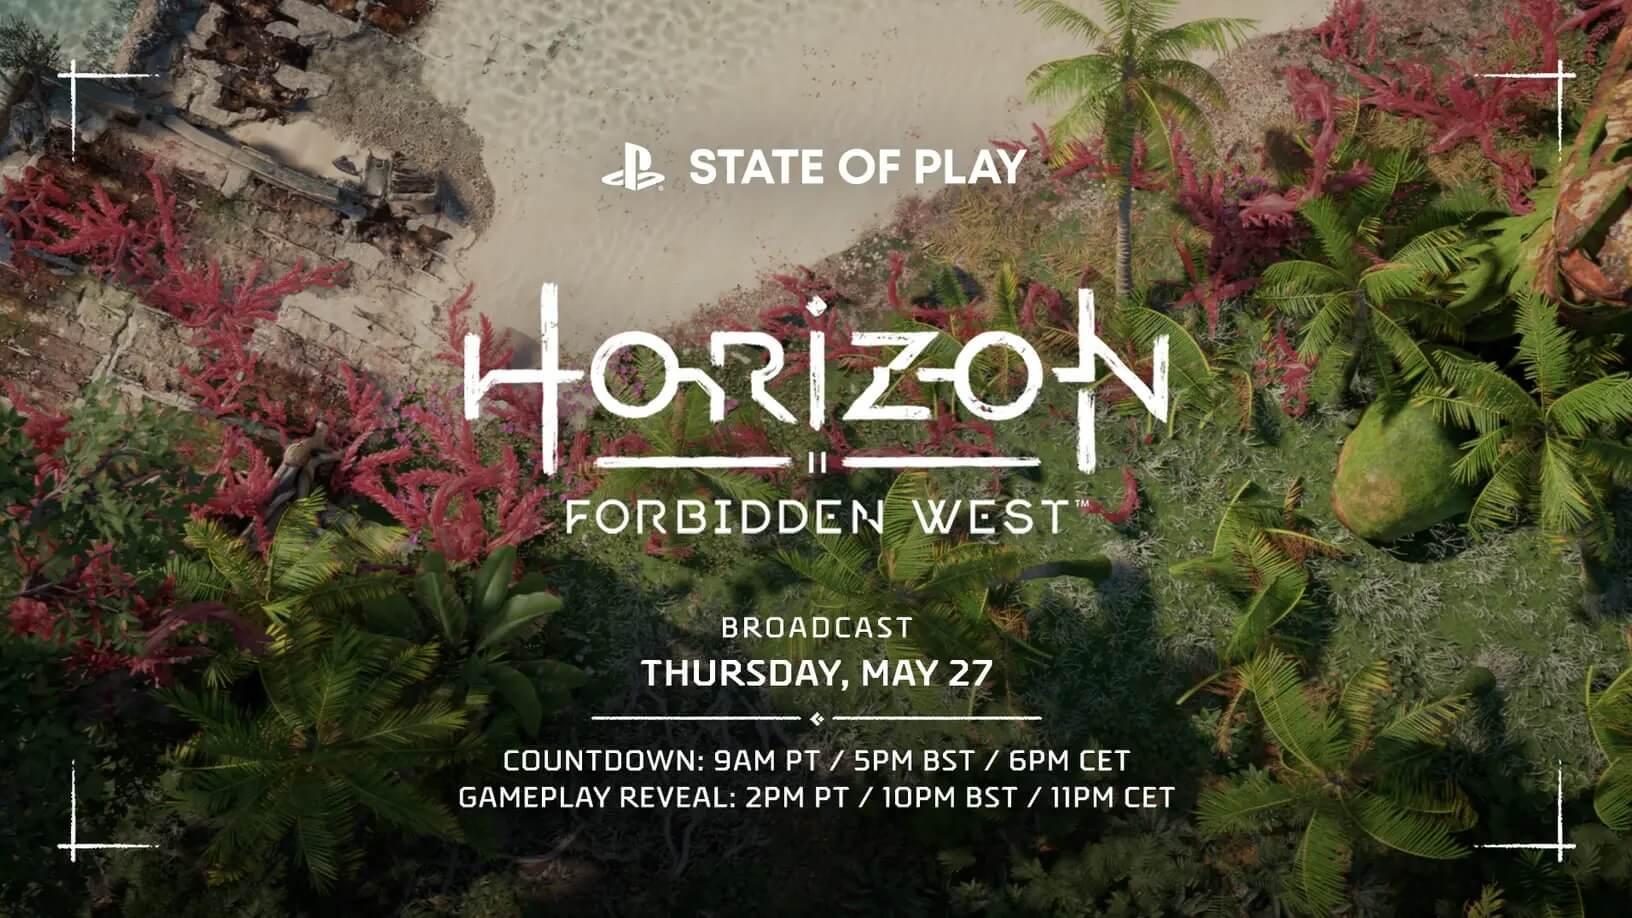 State of Play de Horizon Forbidden West; consulta horario, canales y más